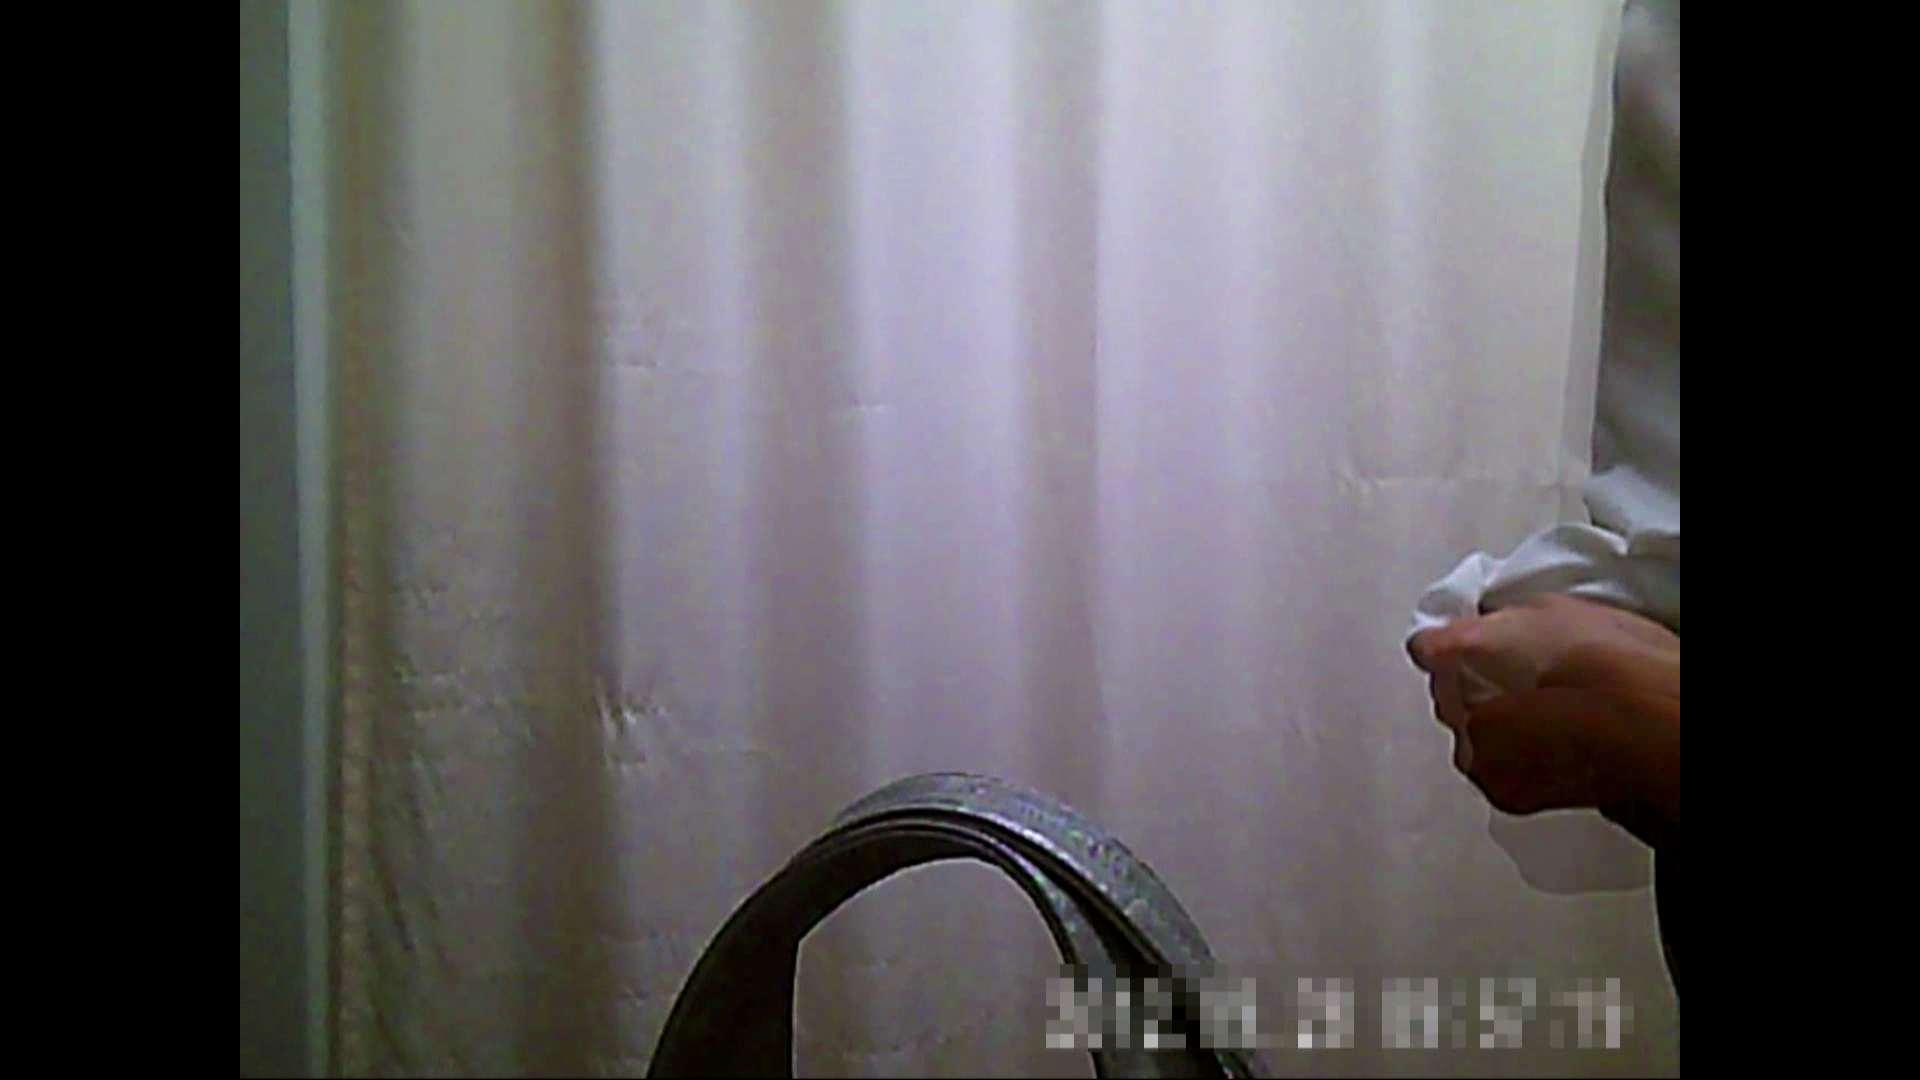 元医者による反抗 更衣室地獄絵巻 vol.075 OLのボディ  51PIX 46